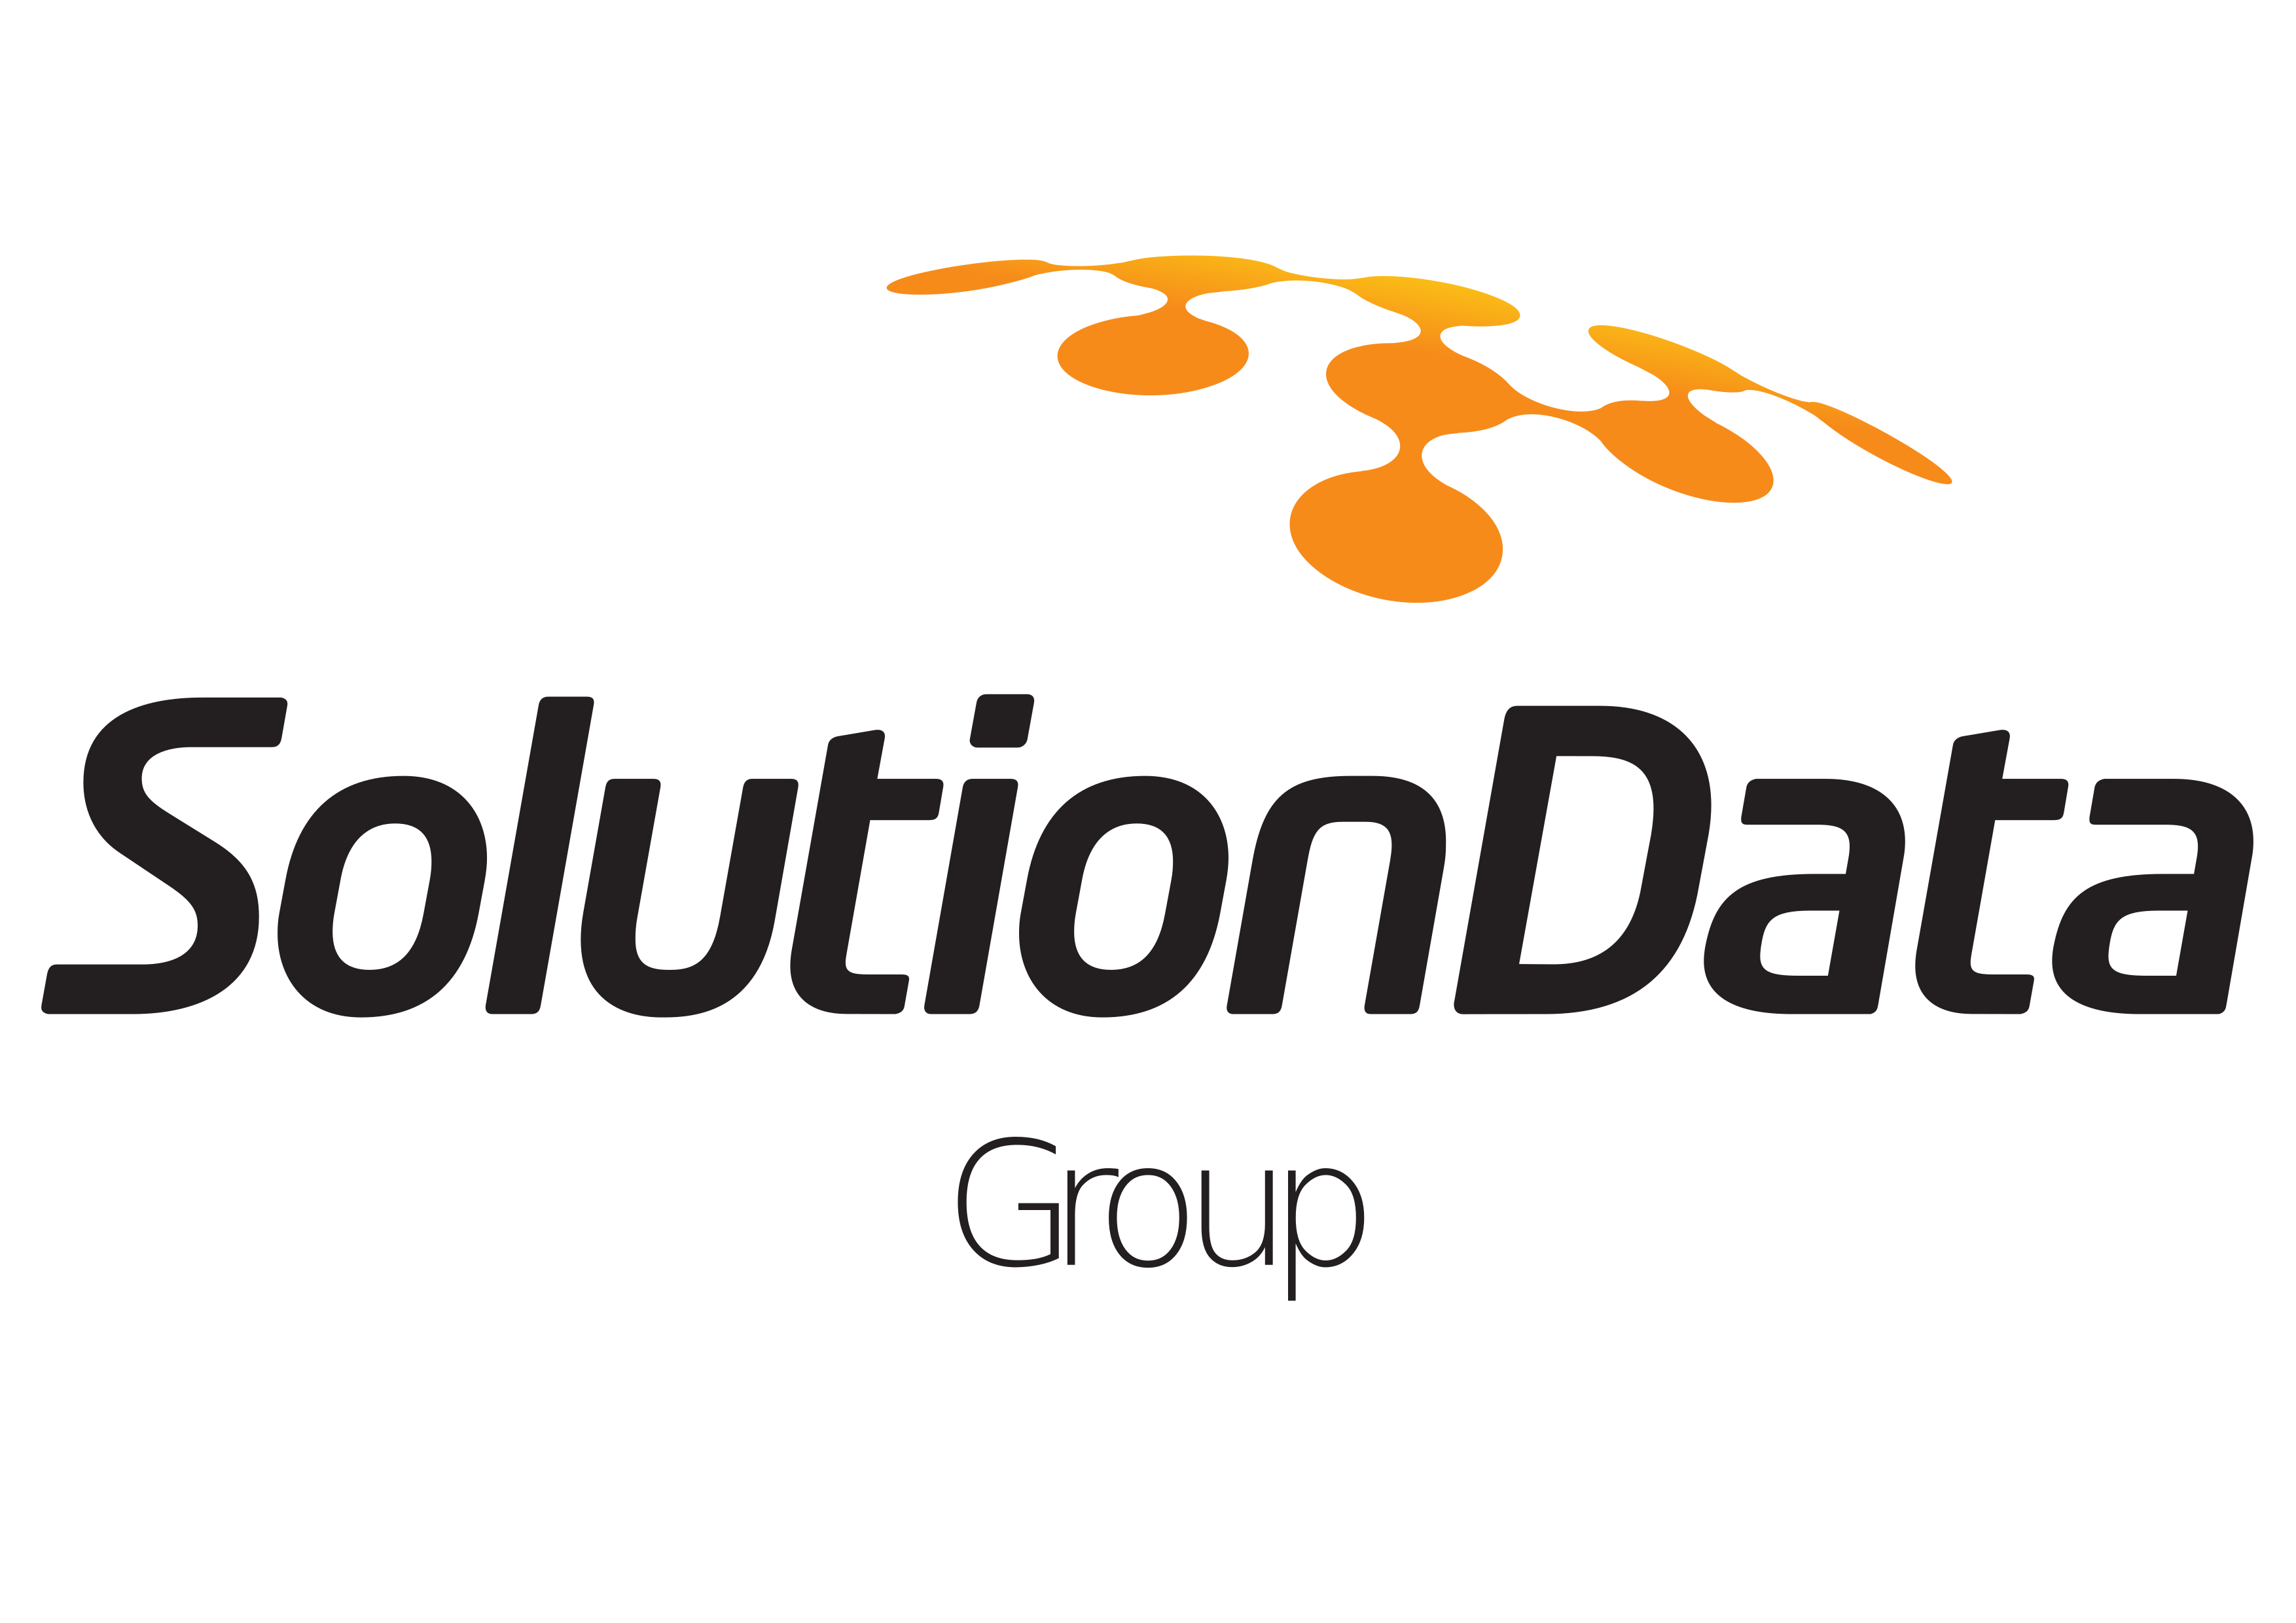 Logo Solution data group